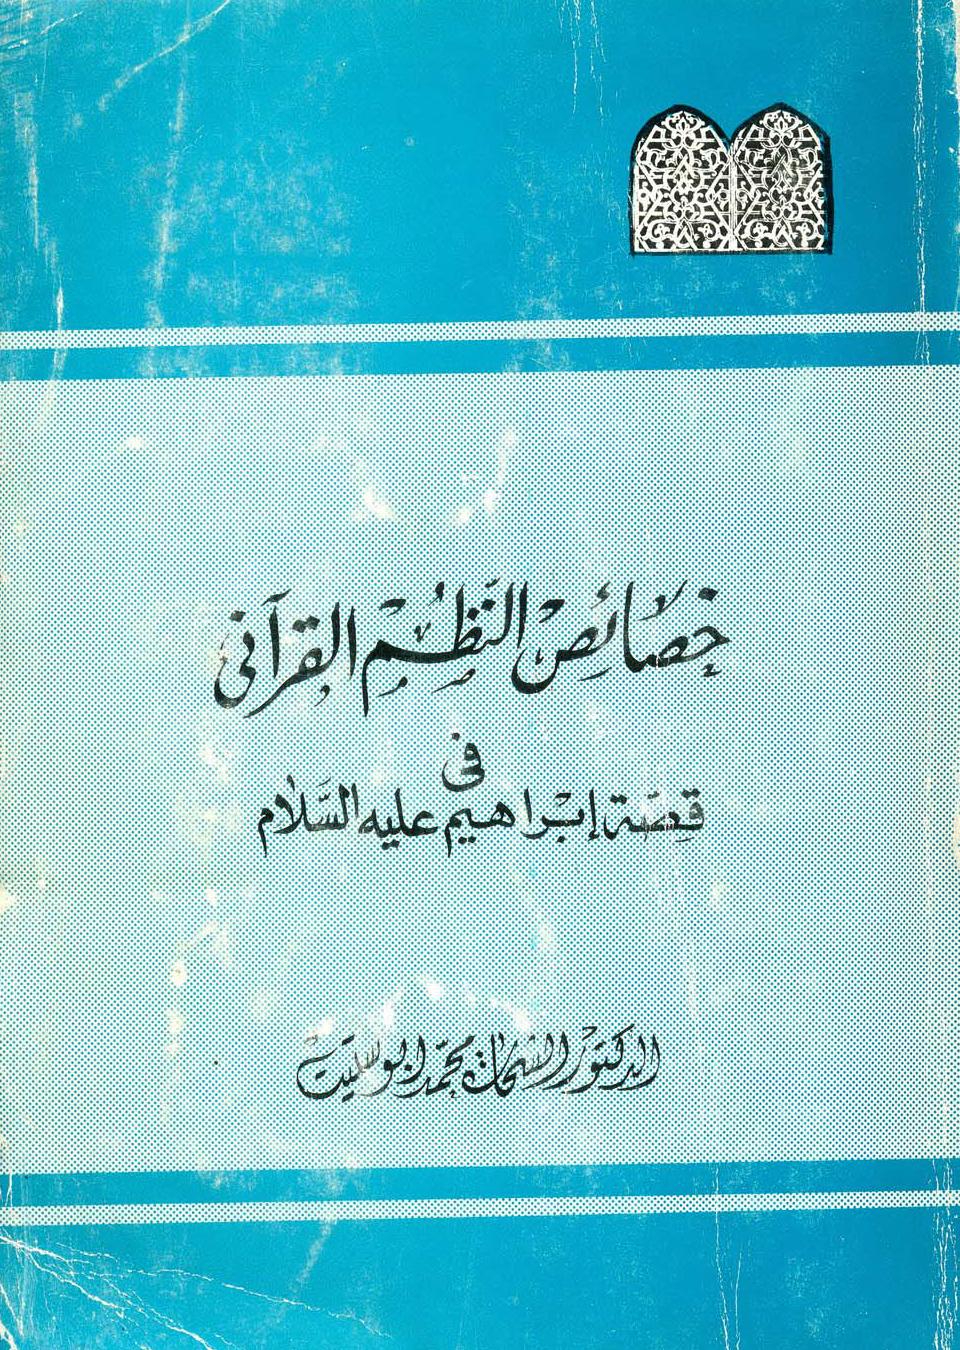 تحميل كتاب خصائص النظم القرآني في قصة إبراهيم عليه السلام لـِ: الدكتور الشحات محمد أبو ستيت